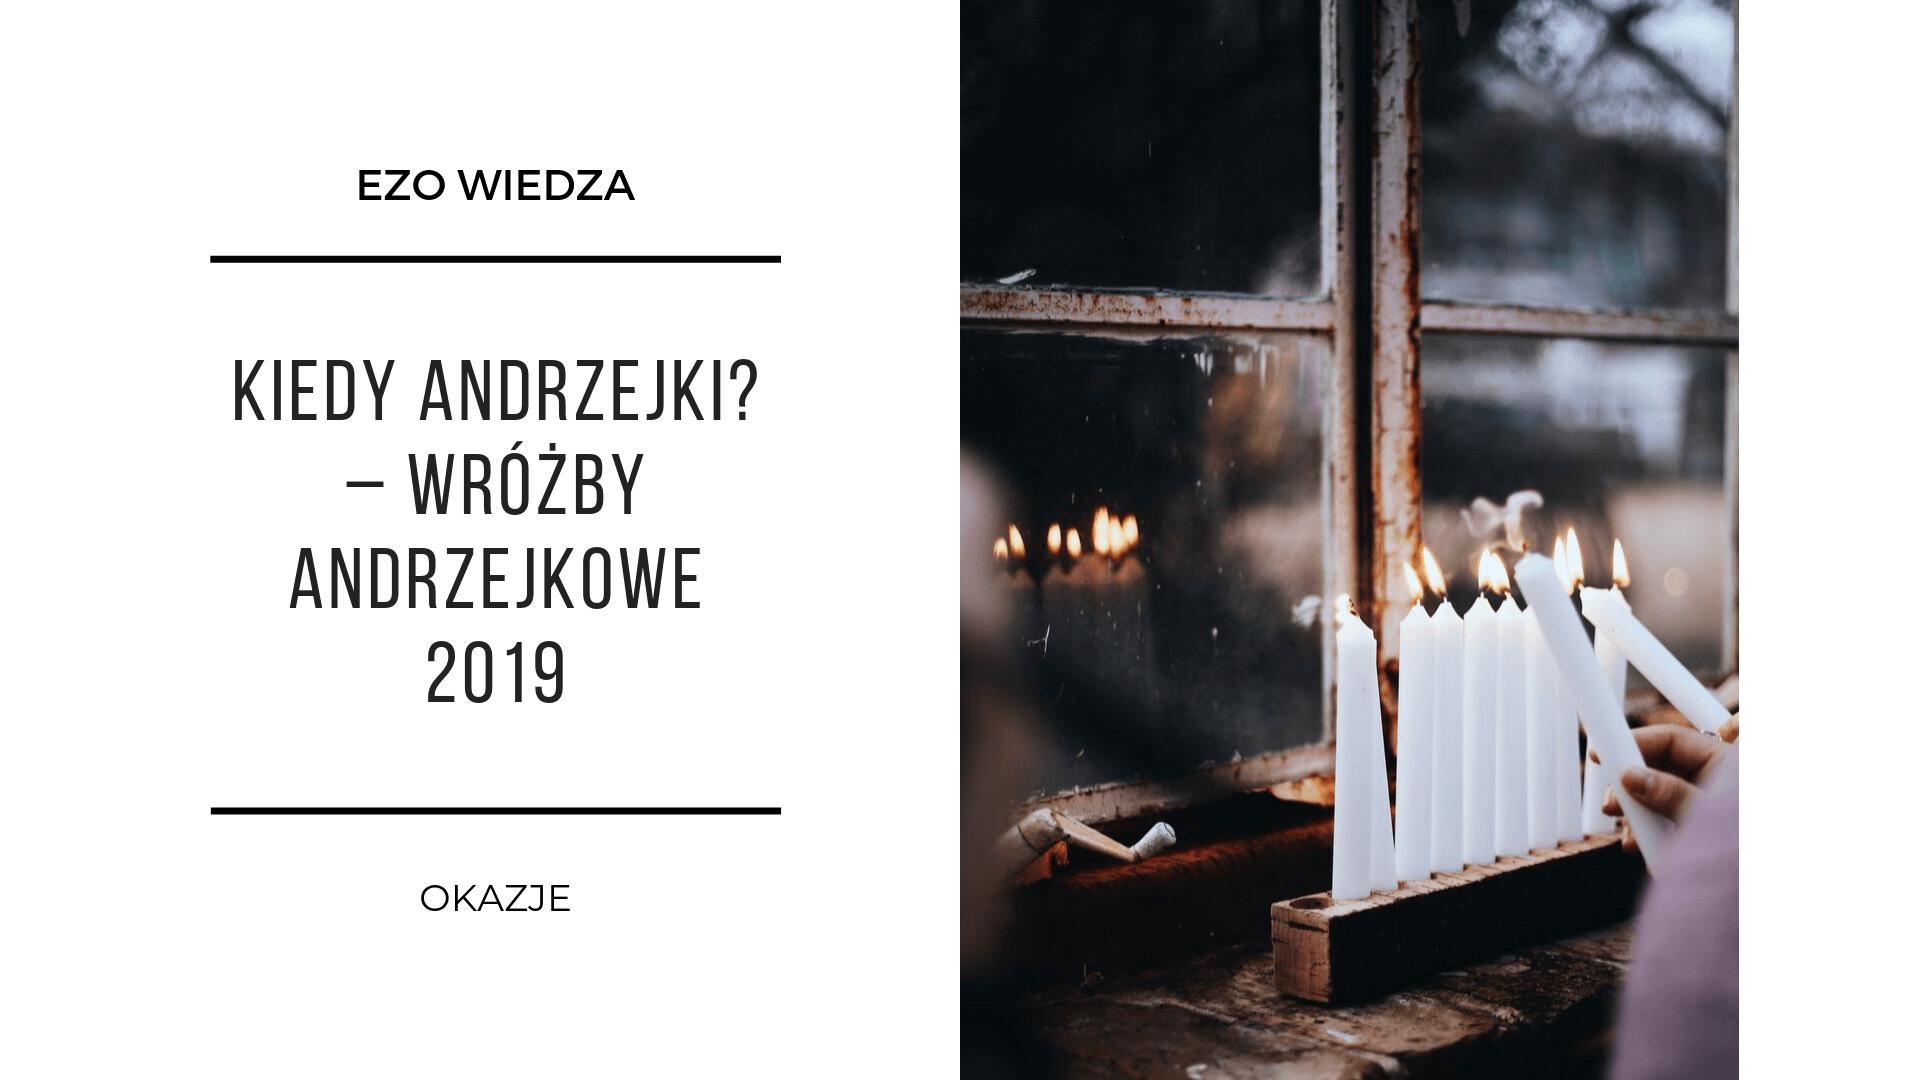 Kiedy Andrzejki? – Wróżby andrzejkowe 2019 2